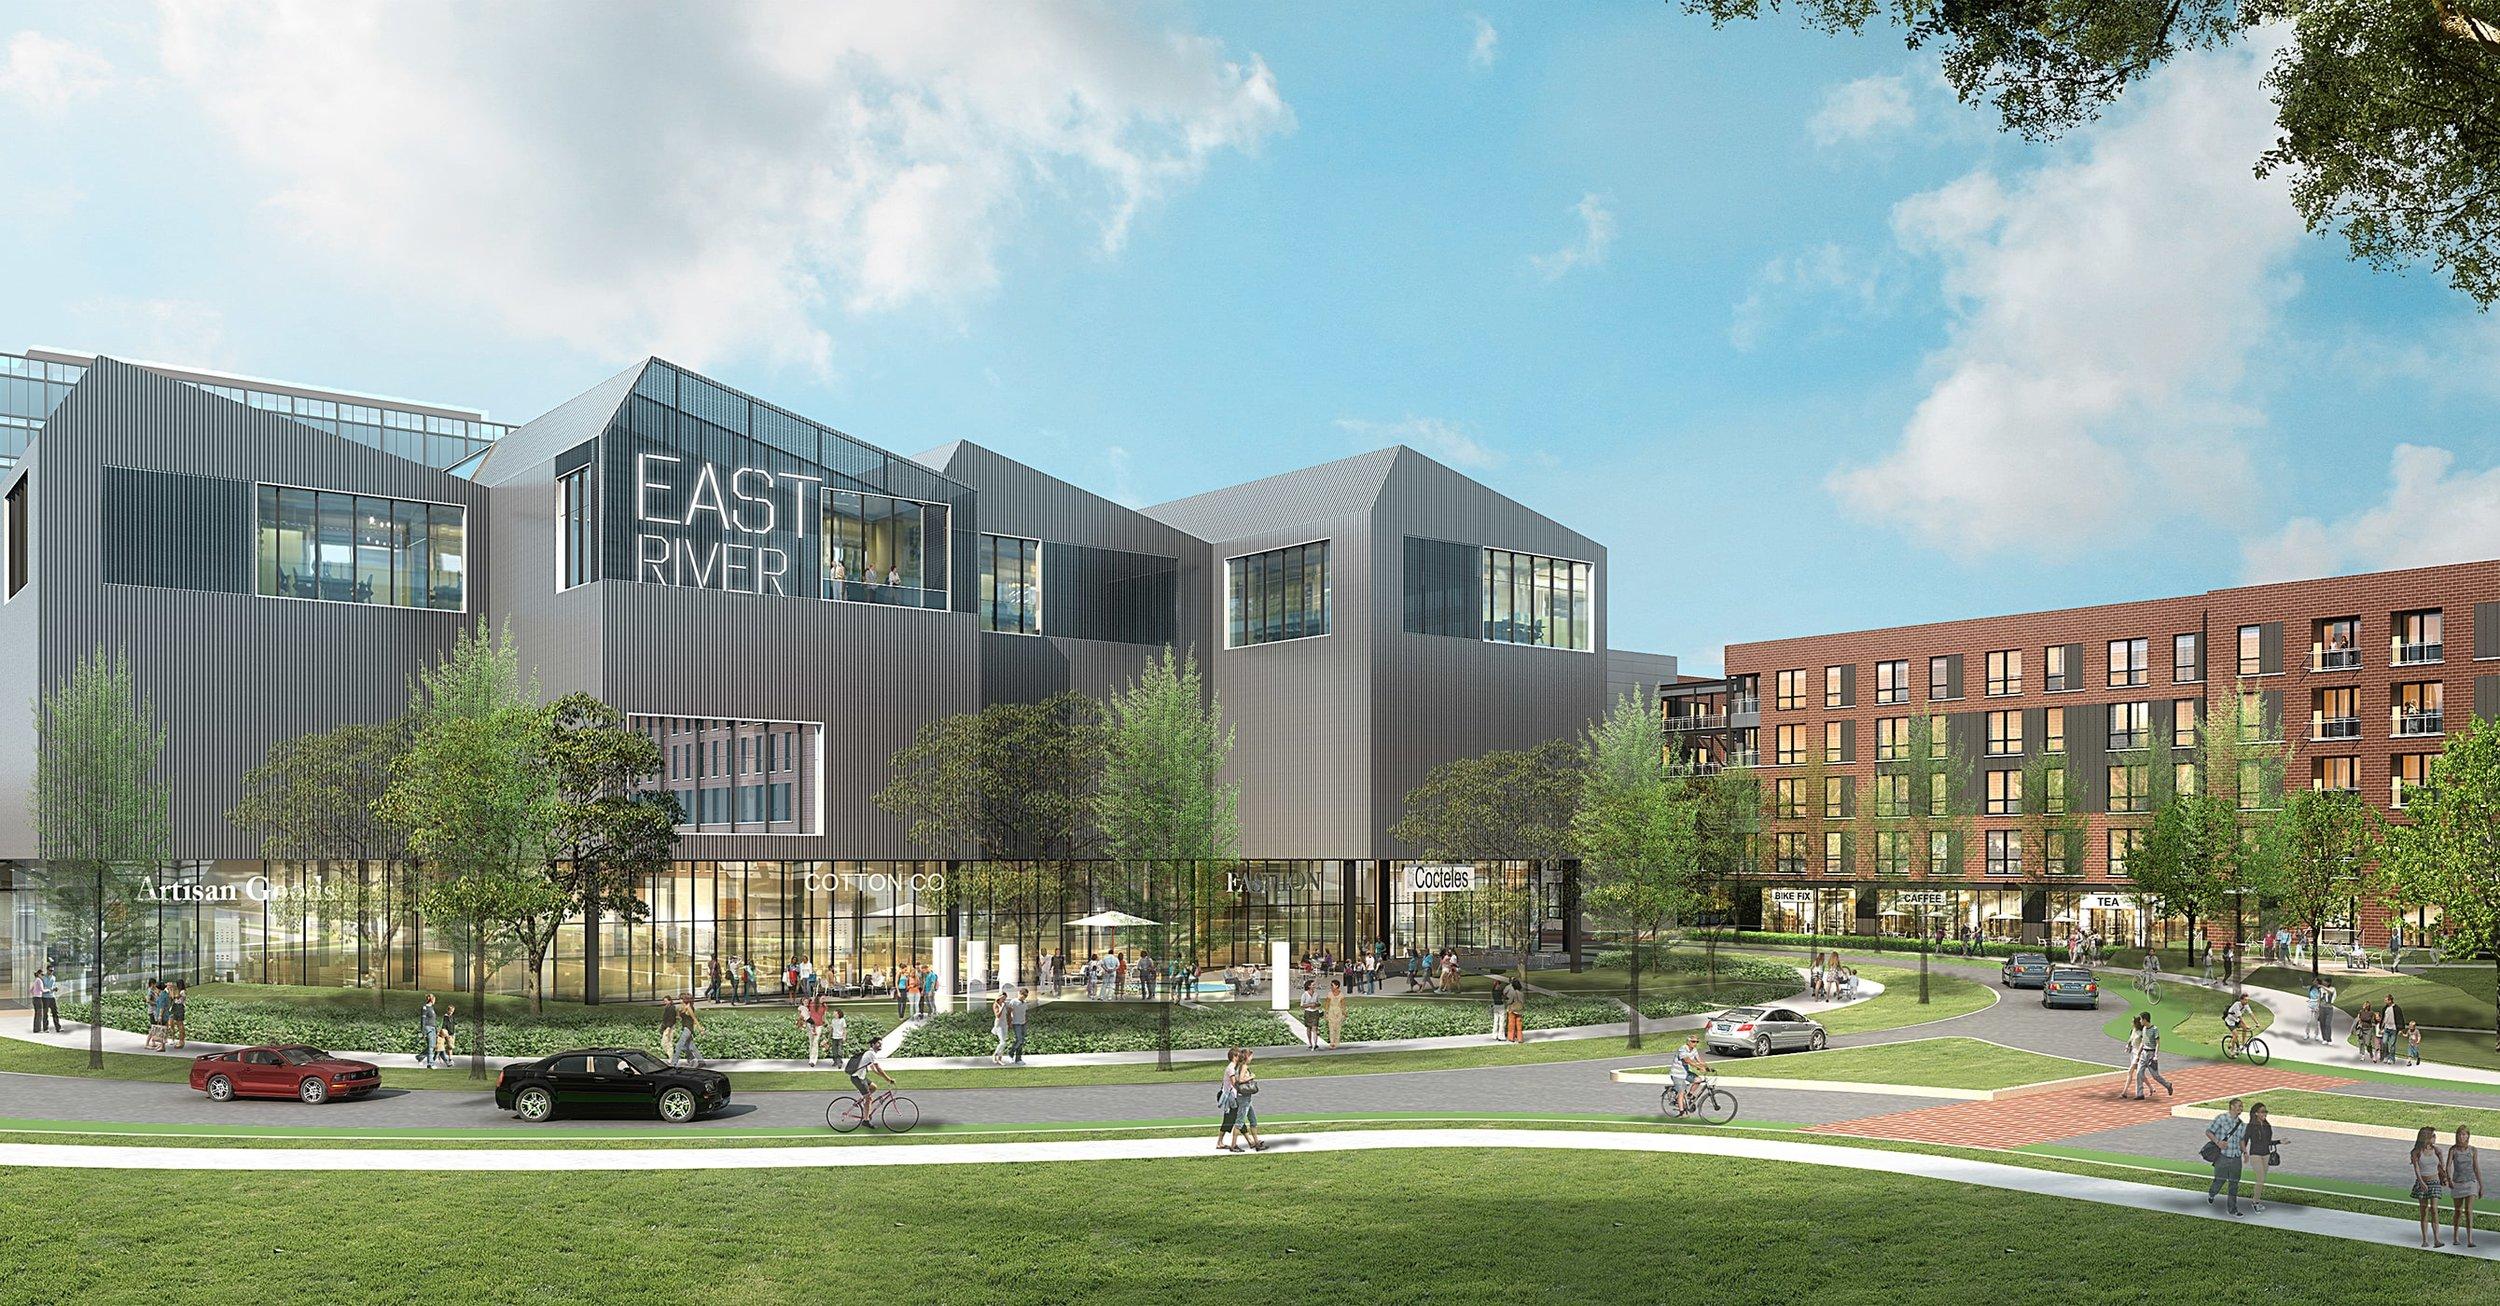 EastRiver_Phase1_View1ab-min.jpg